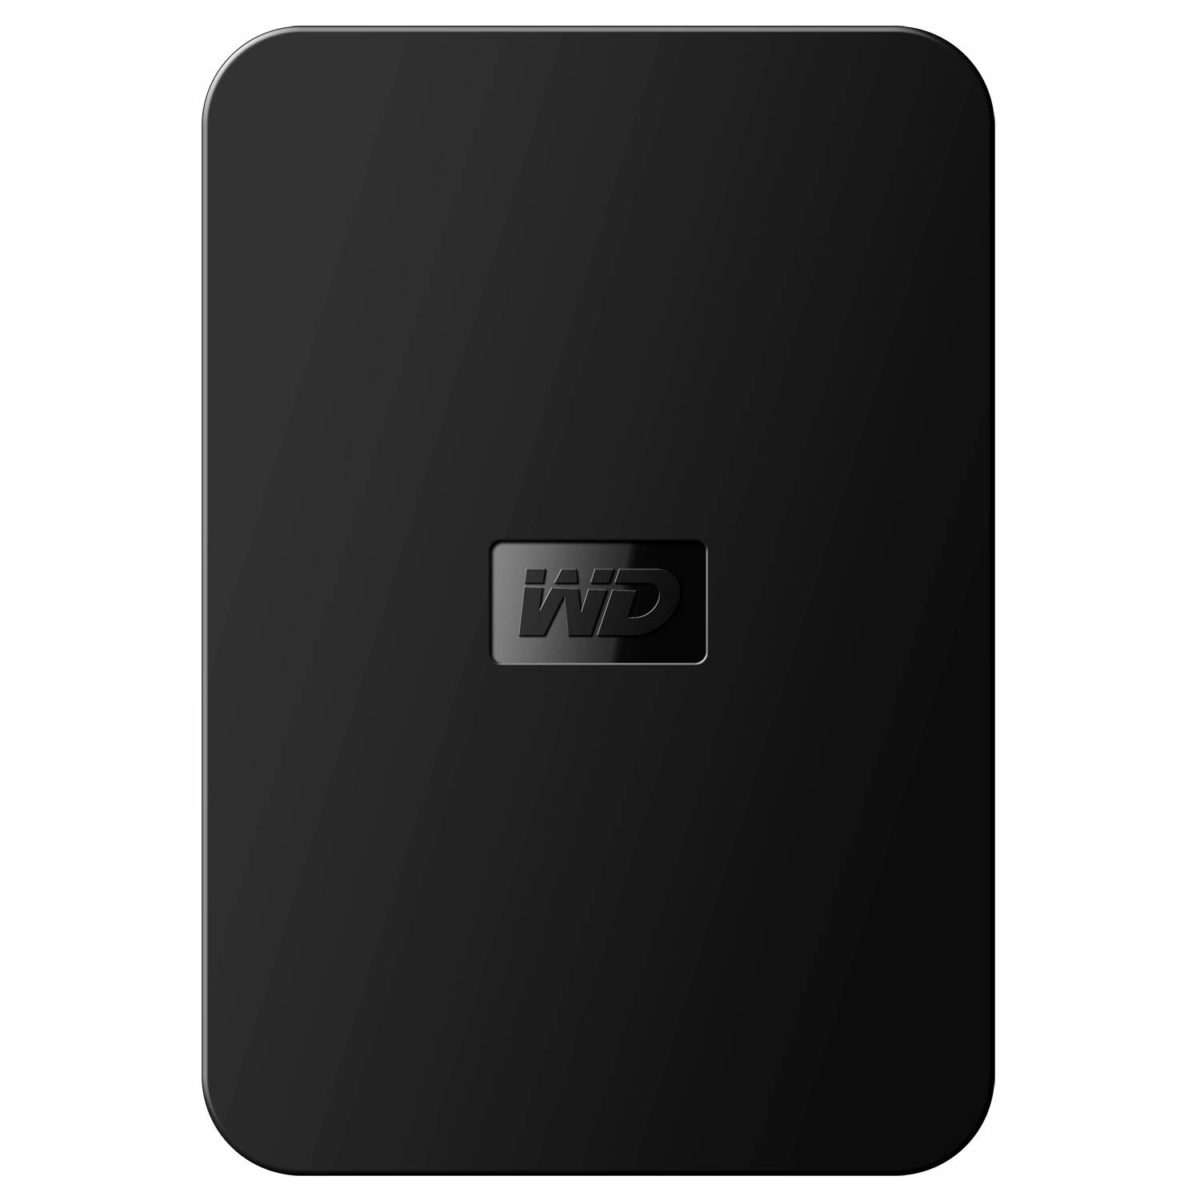 باکس هارد پهن لپ تاپ Western Digital (12.5 میلی متر)